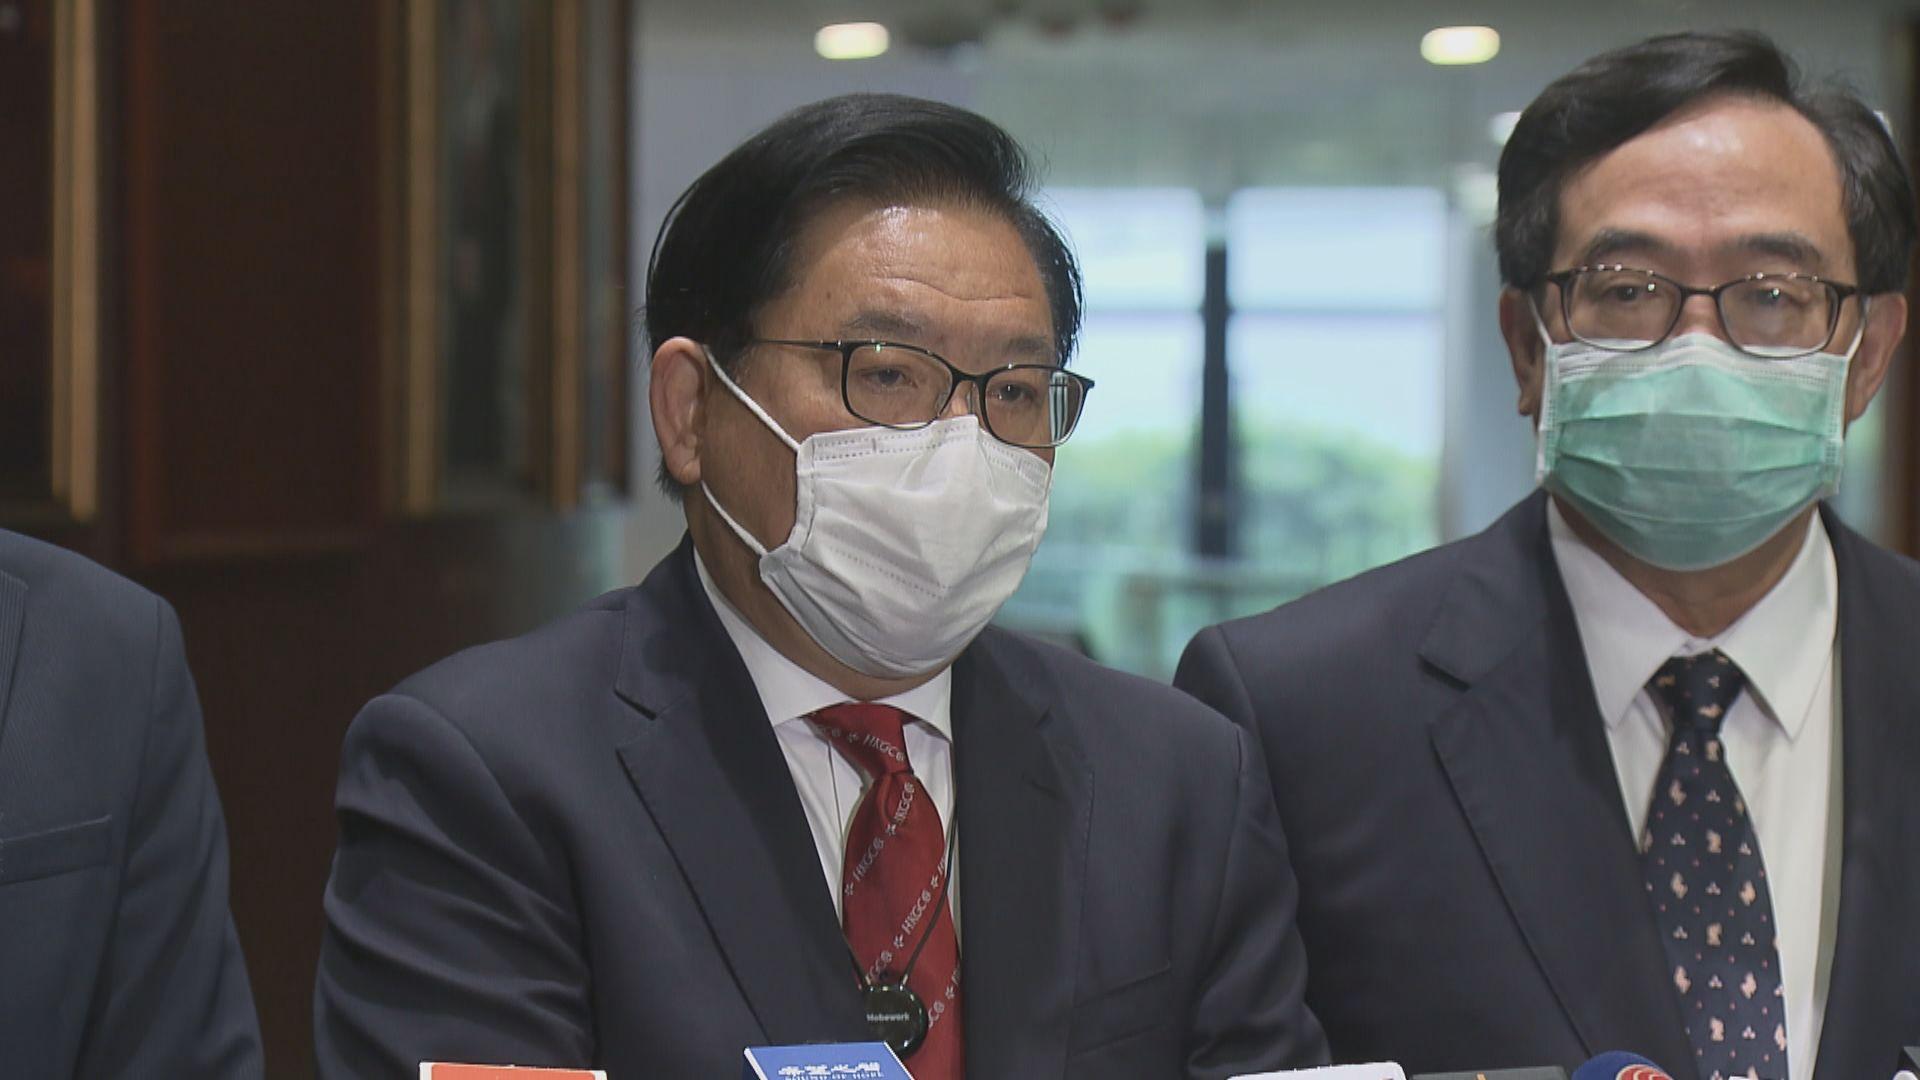 林健鋒建議政府主動協調回港人士入住酒店檢疫